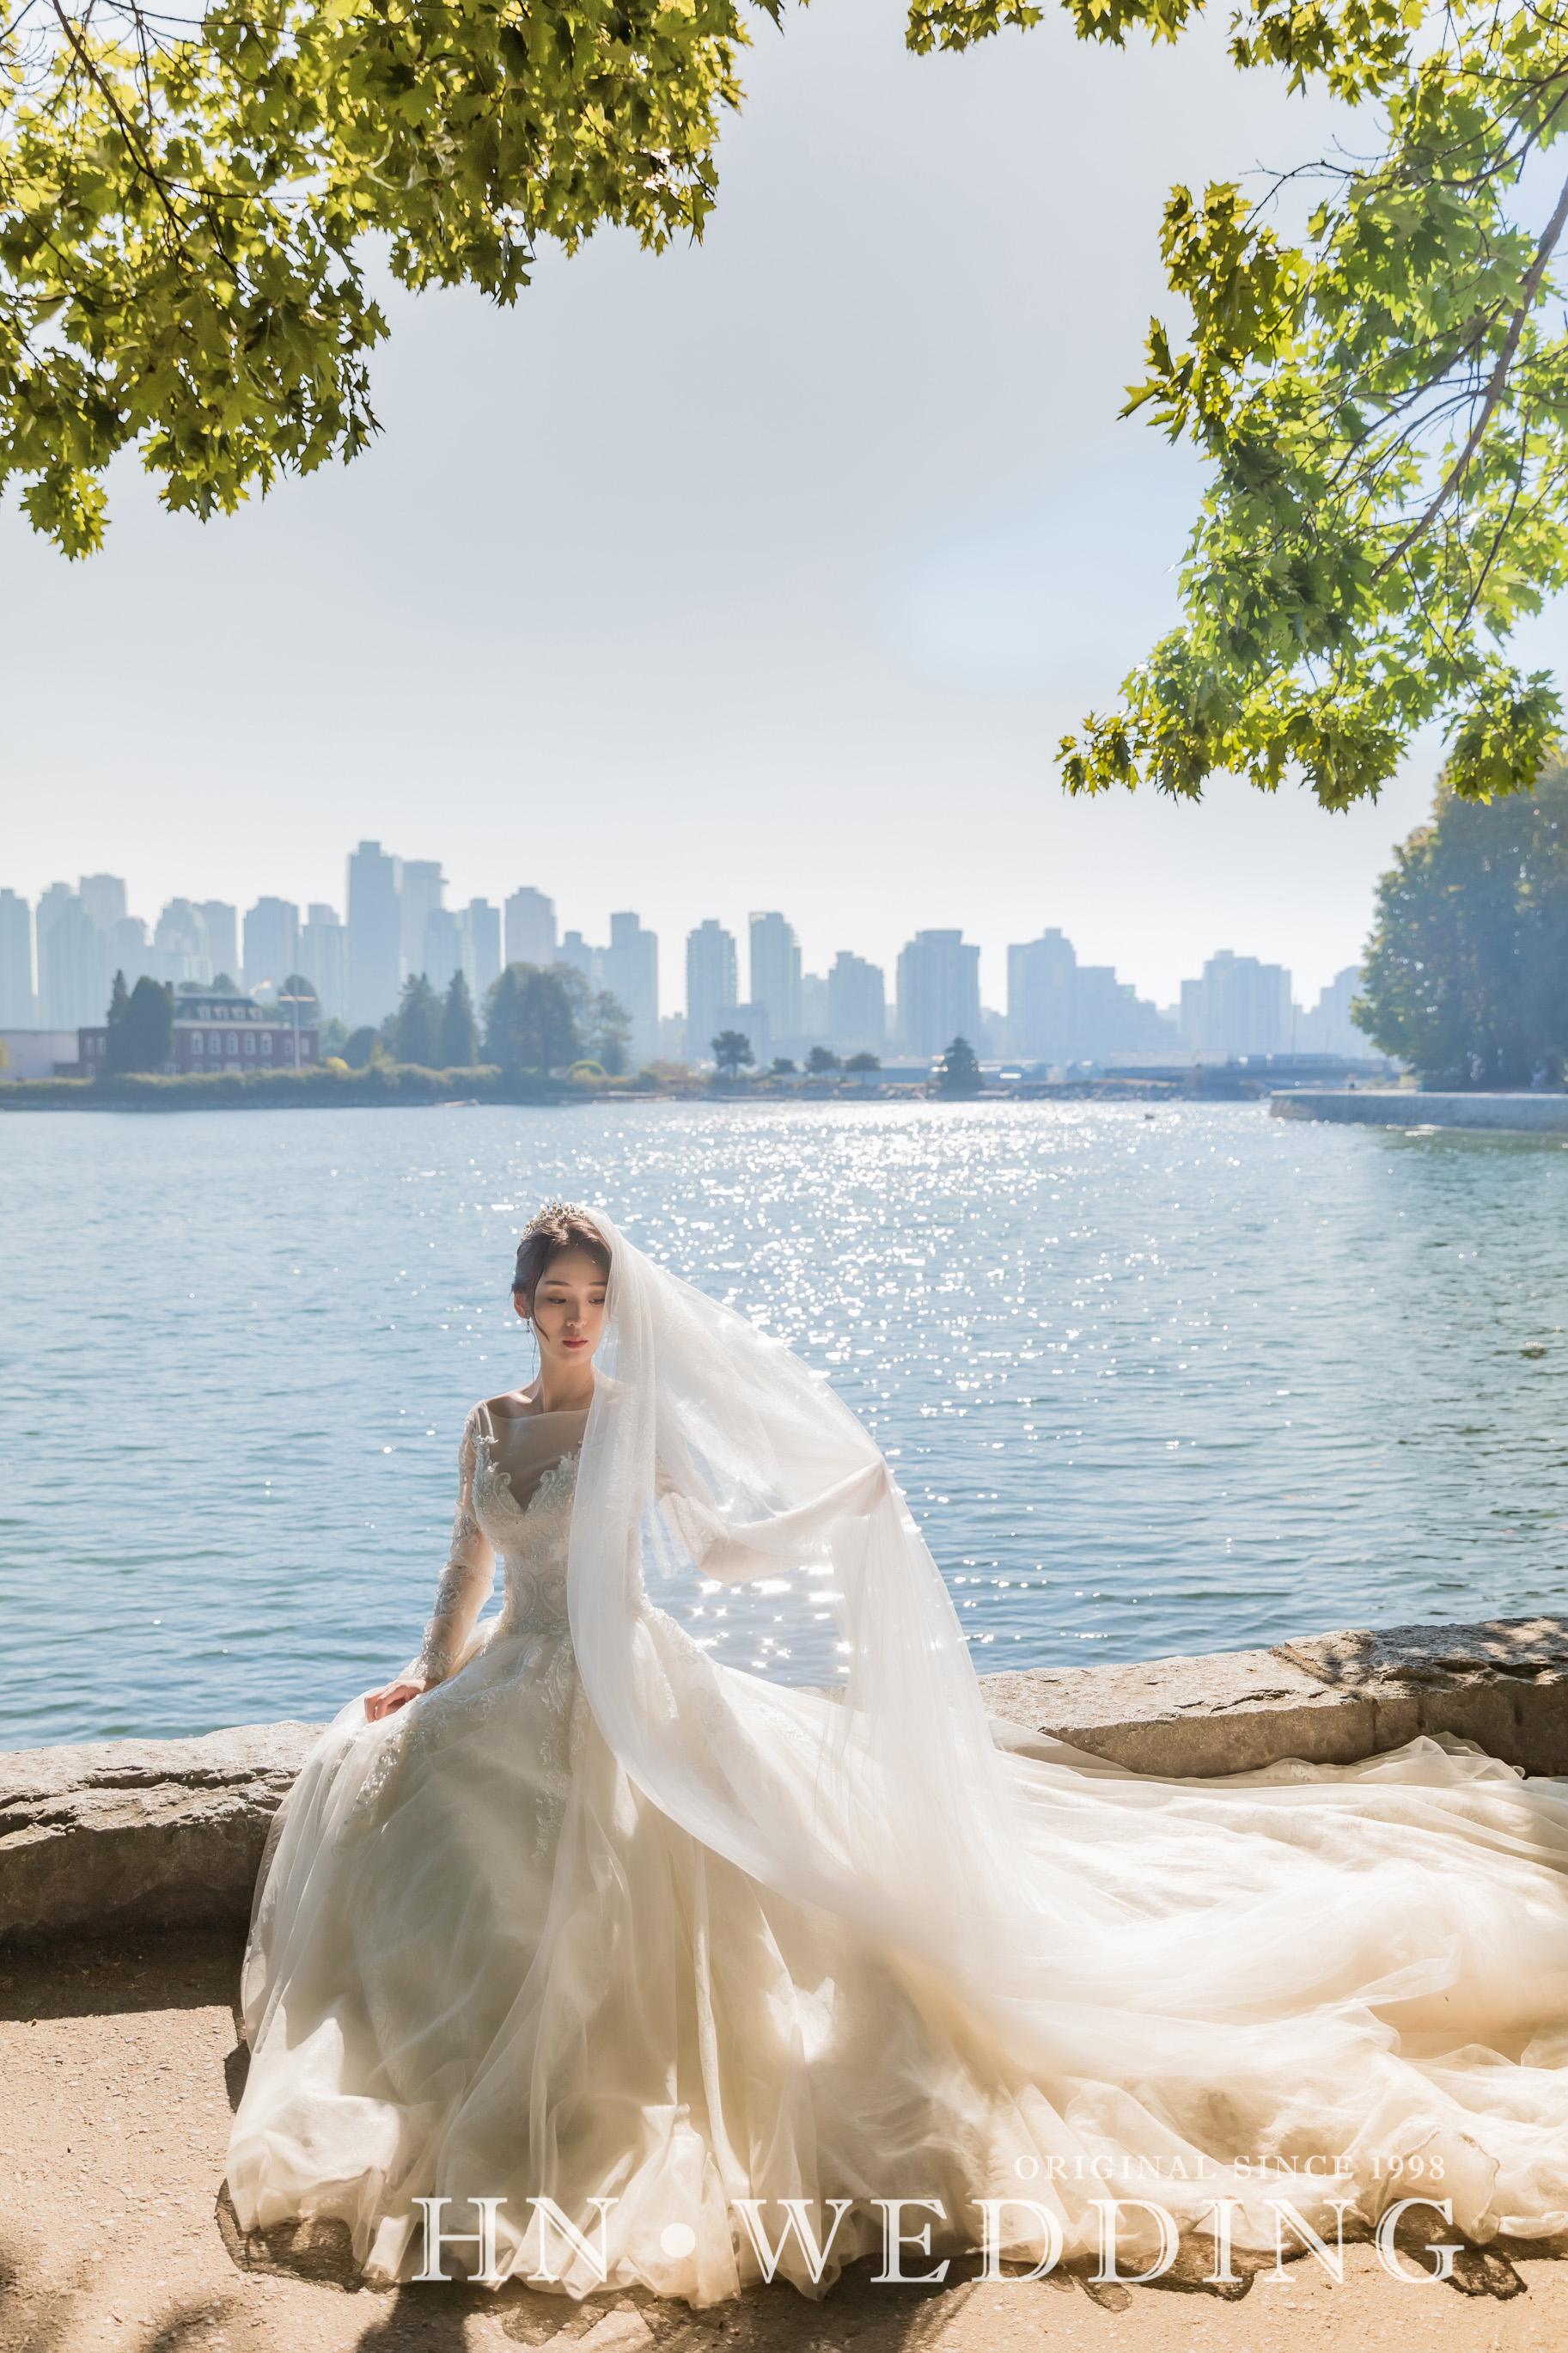 hnweddingprewedding0905--15.jpg